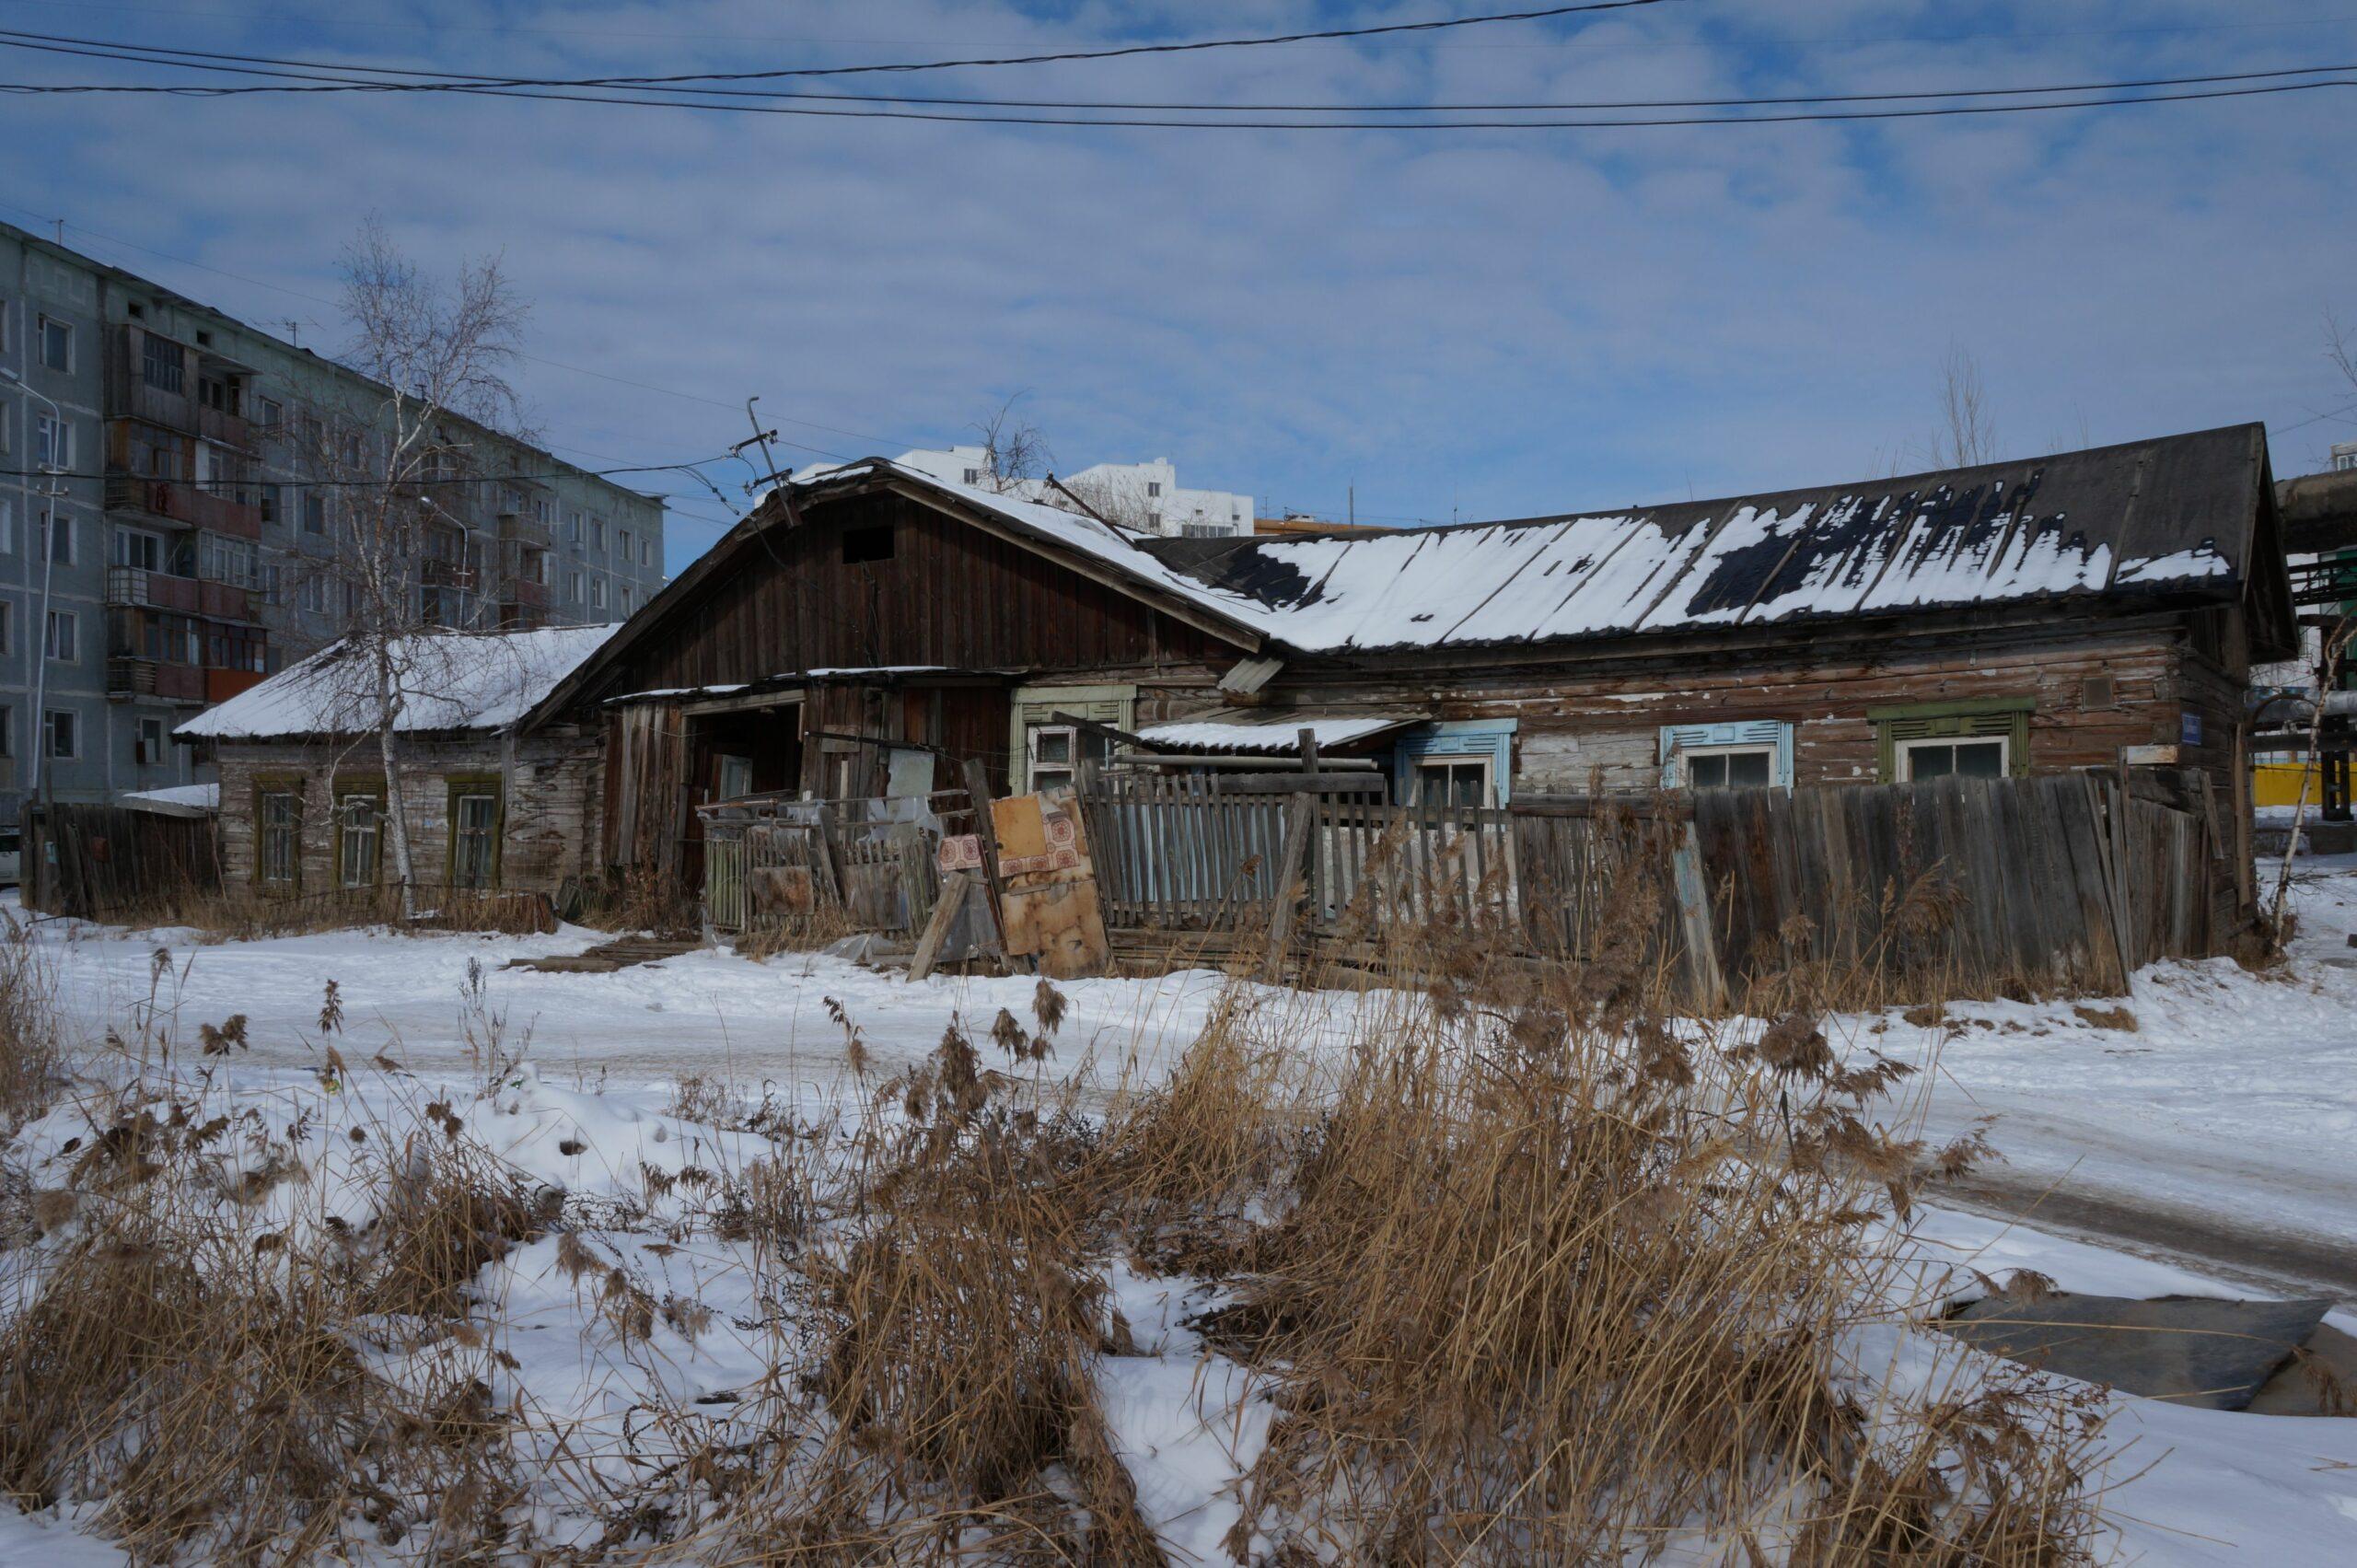 В Якутске планируют переселить всех жителей из деревянного жилого фонда к 2032 году